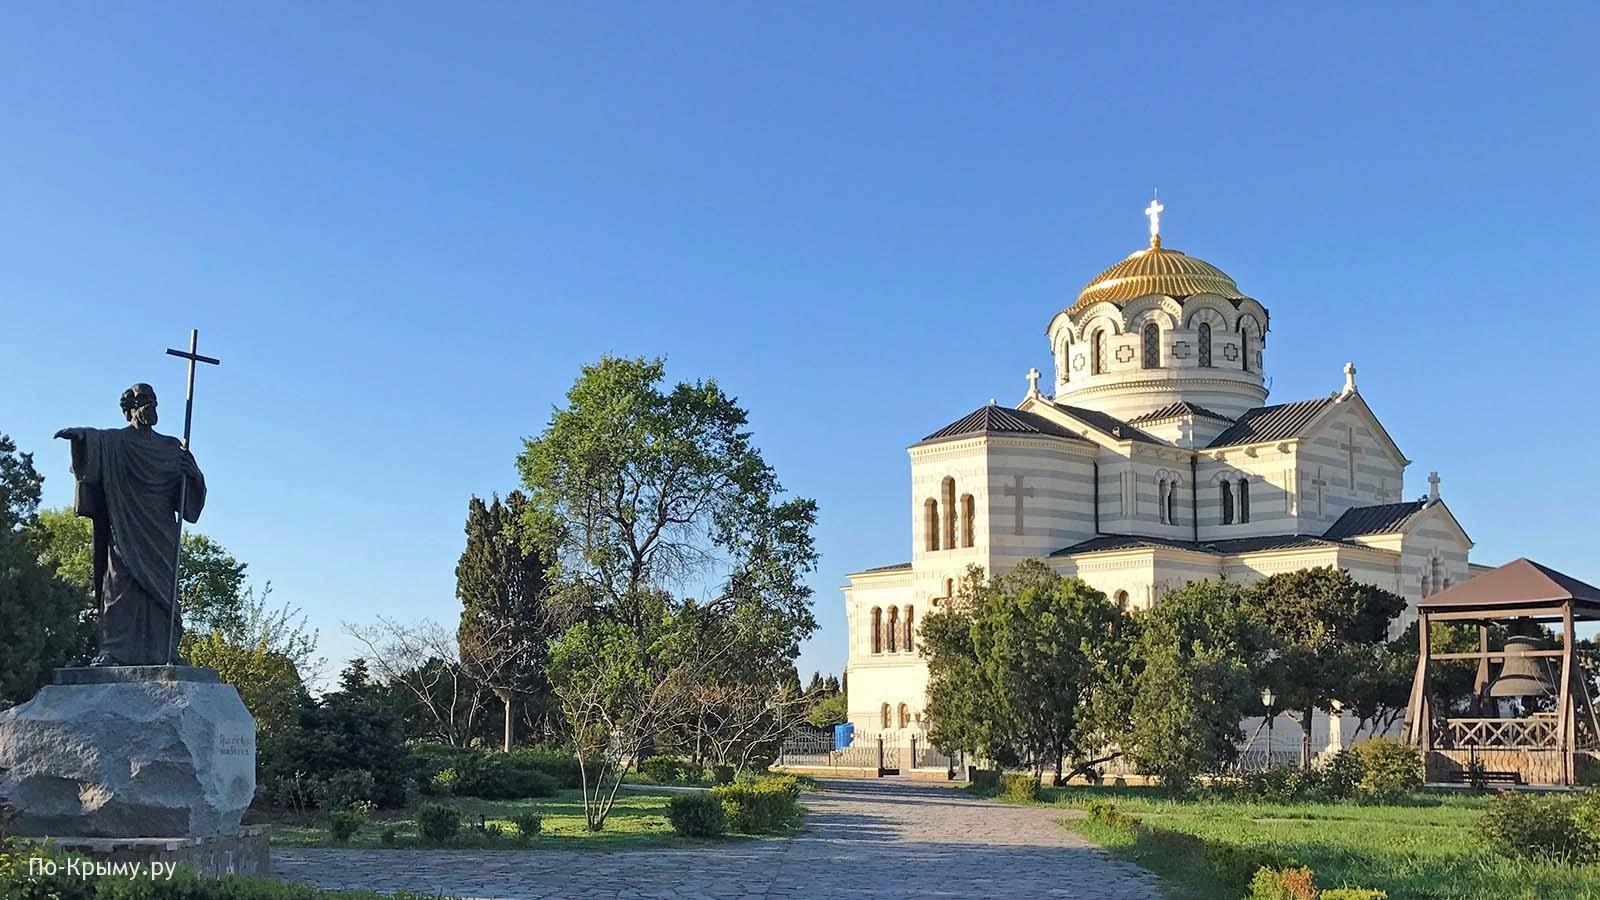 Храм в Херсонесе и памятник Андрею Первозванному